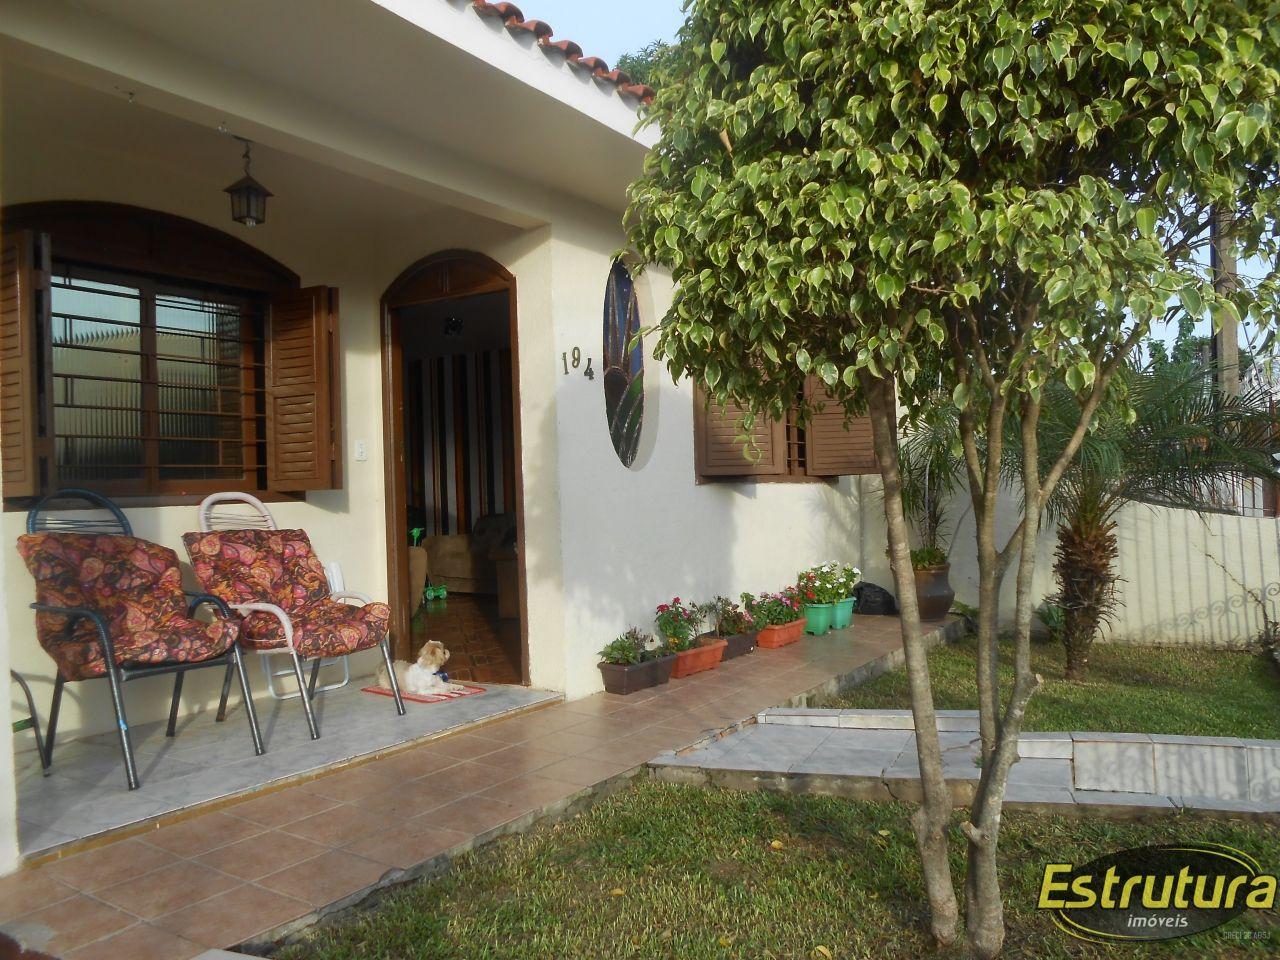 Casa com 3 Dormitórios à venda, 150 m² por R$ 680.000,00